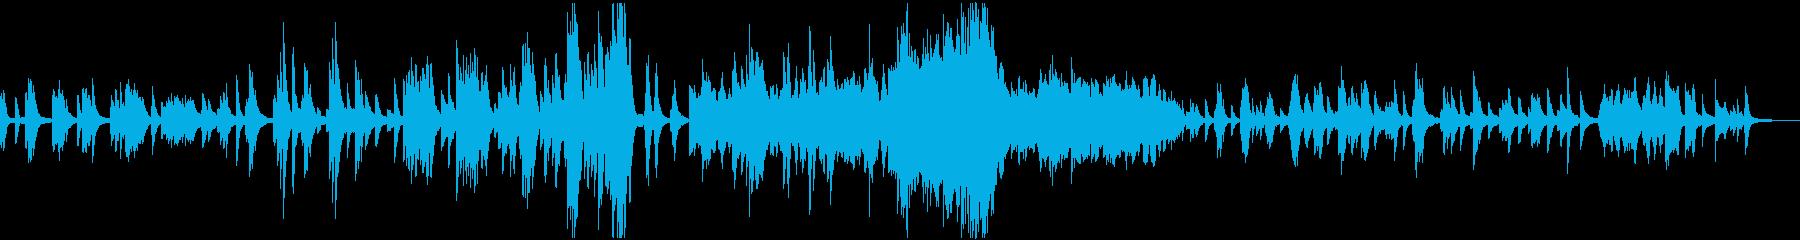 ドビュッシー「月の光」ピアノ独奏曲の再生済みの波形